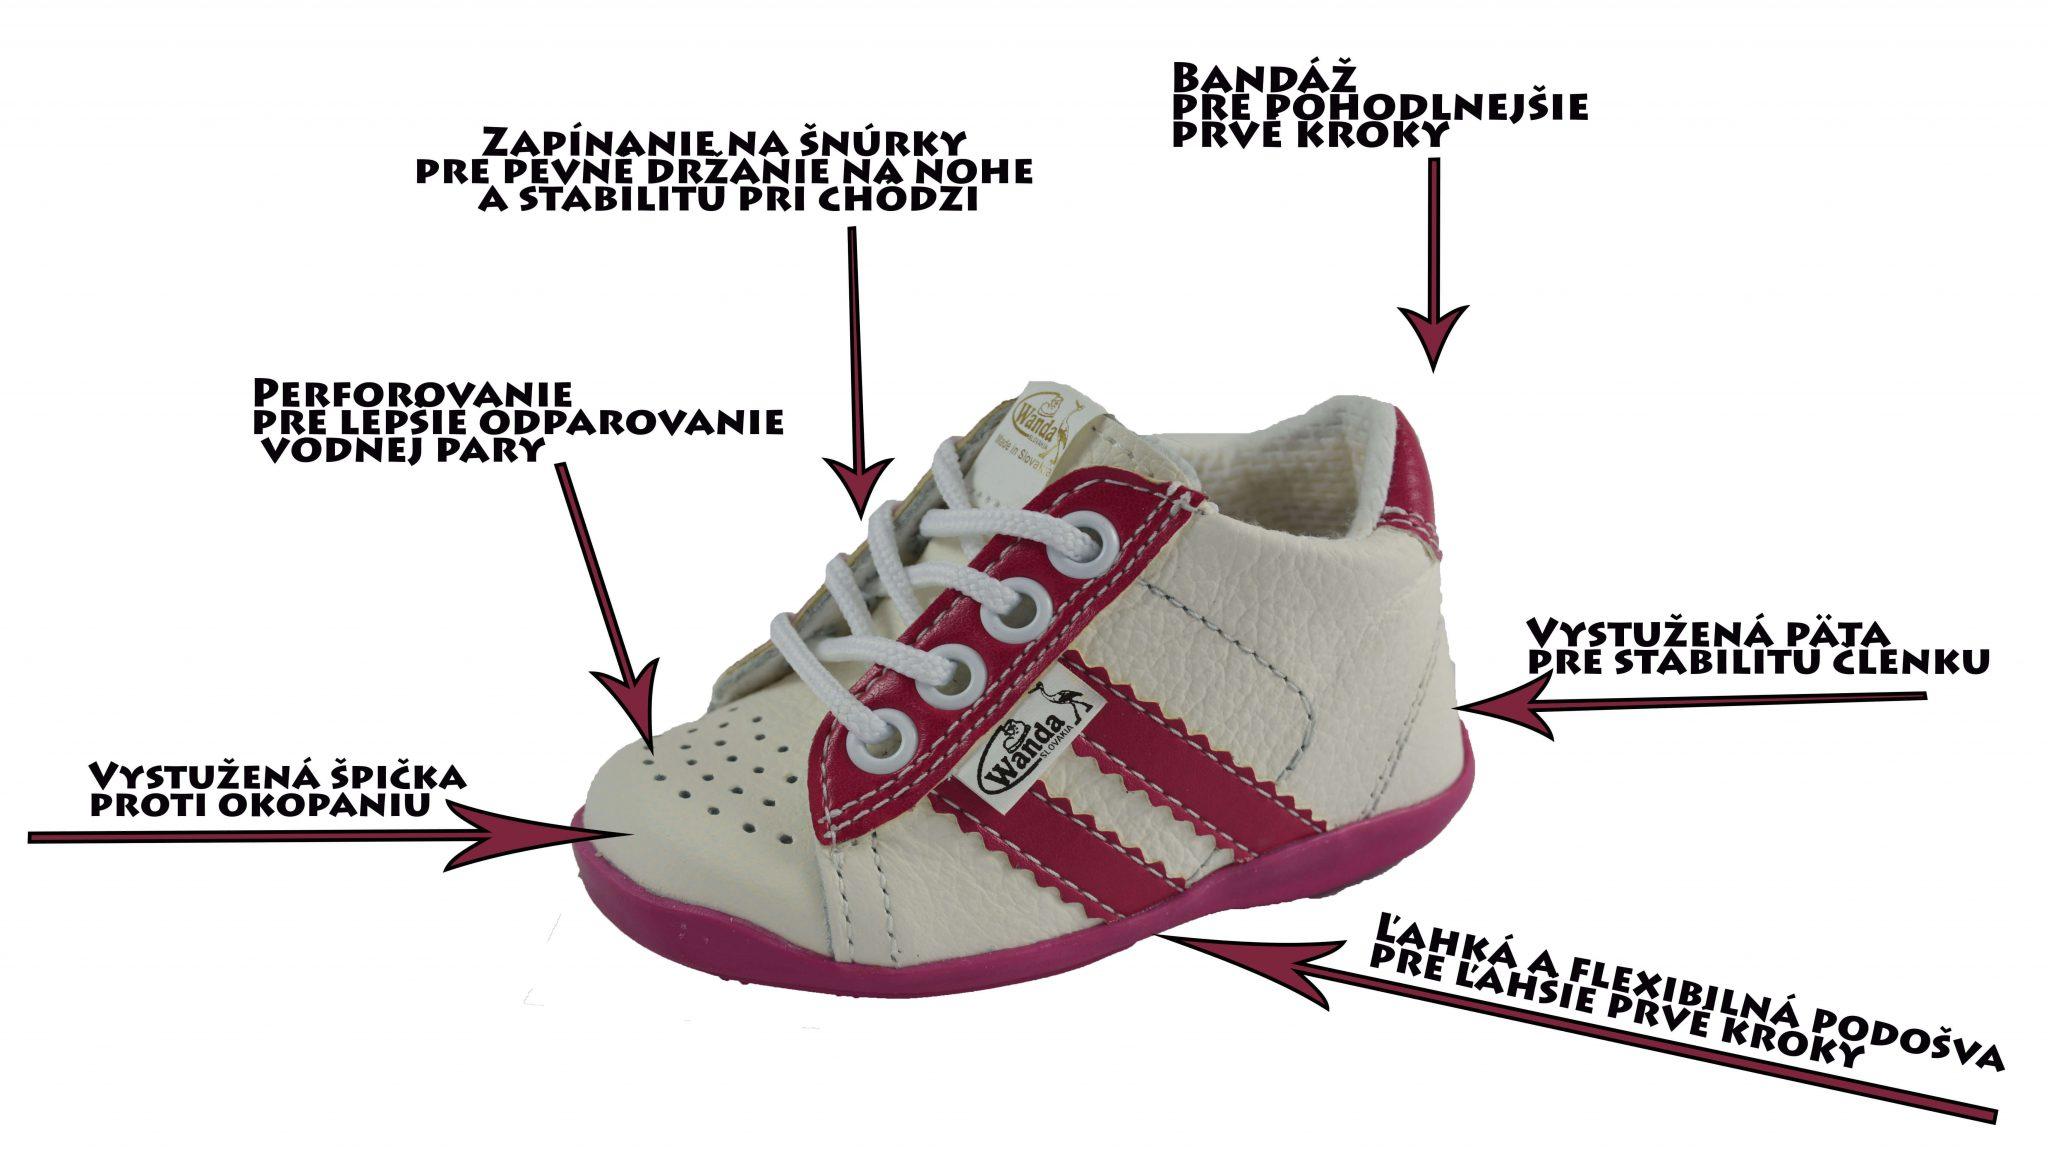 ako yvbrať obuv pre dieťa